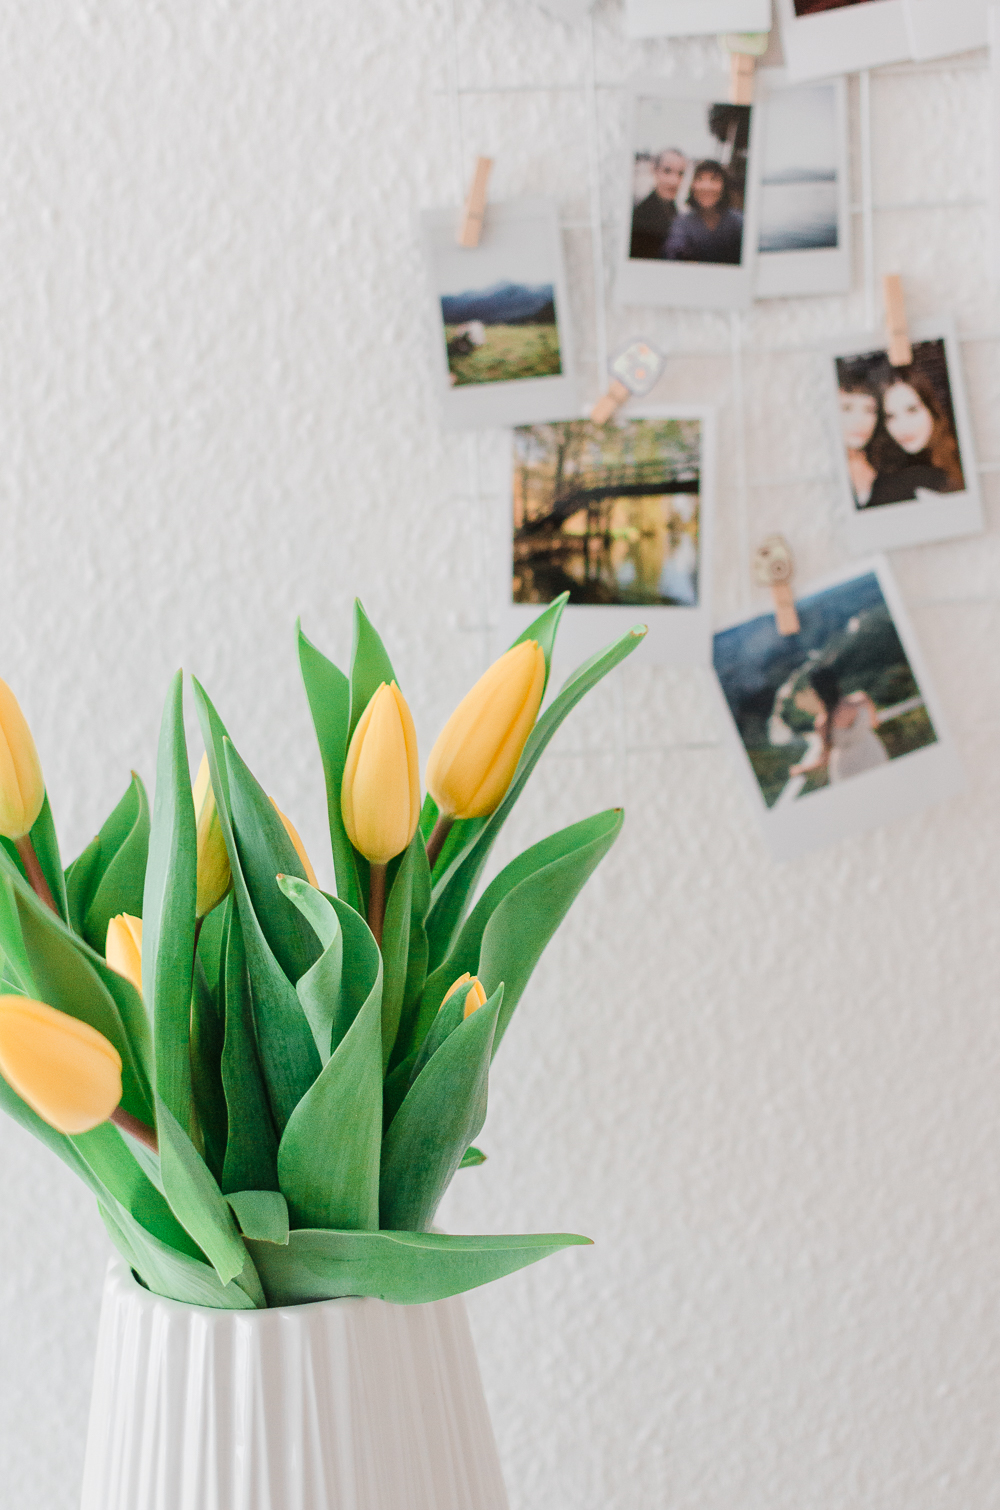 Frühling Trends für das Wohnzimmer-Höffner-Hello Happy-Interior Blog-Wohnzimmer Deko-andysparkles.de